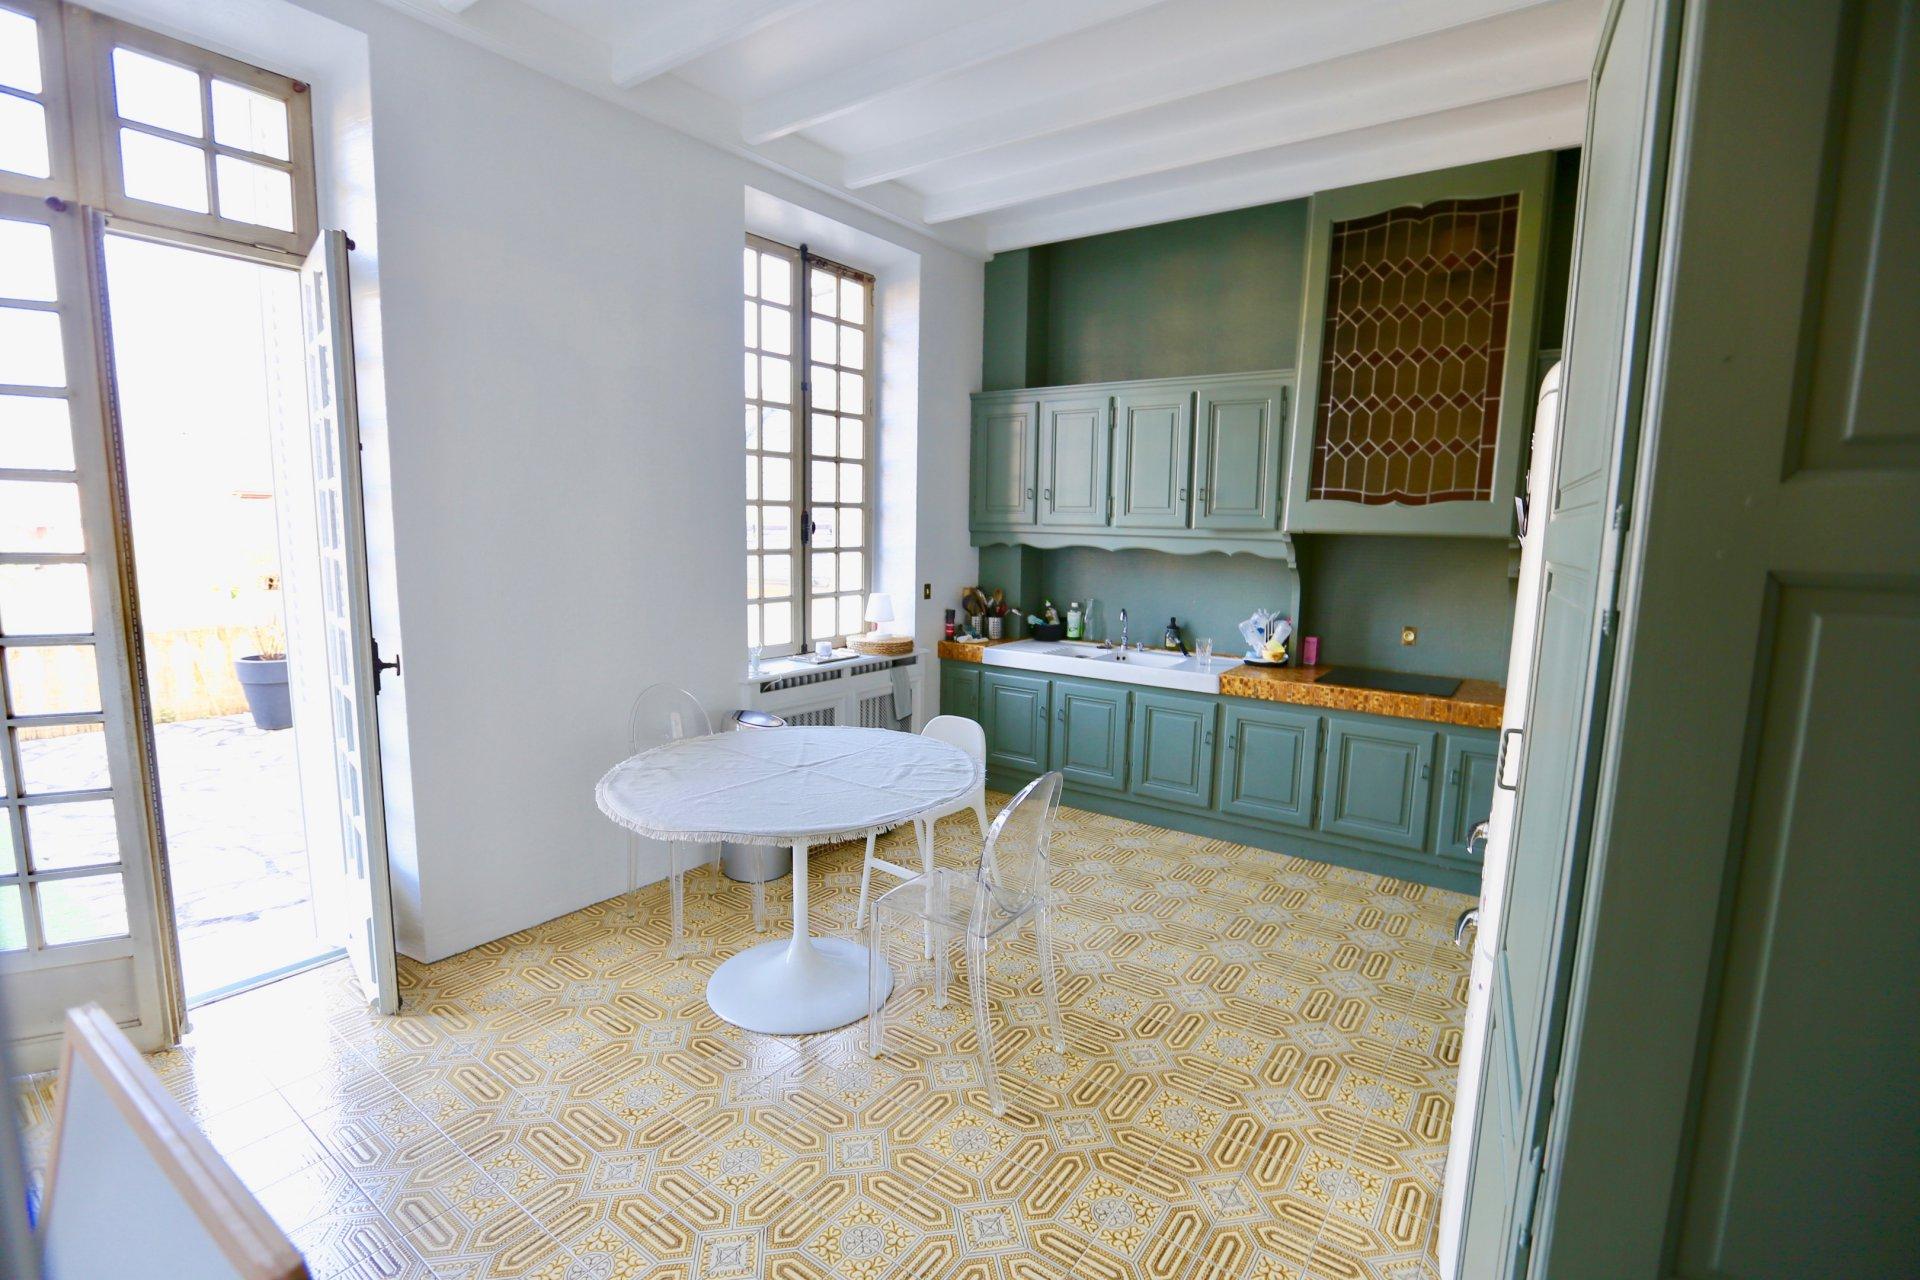 Aix les Bains, au coeur du centre-ville, magnifique Hôtel Particulier d'exception